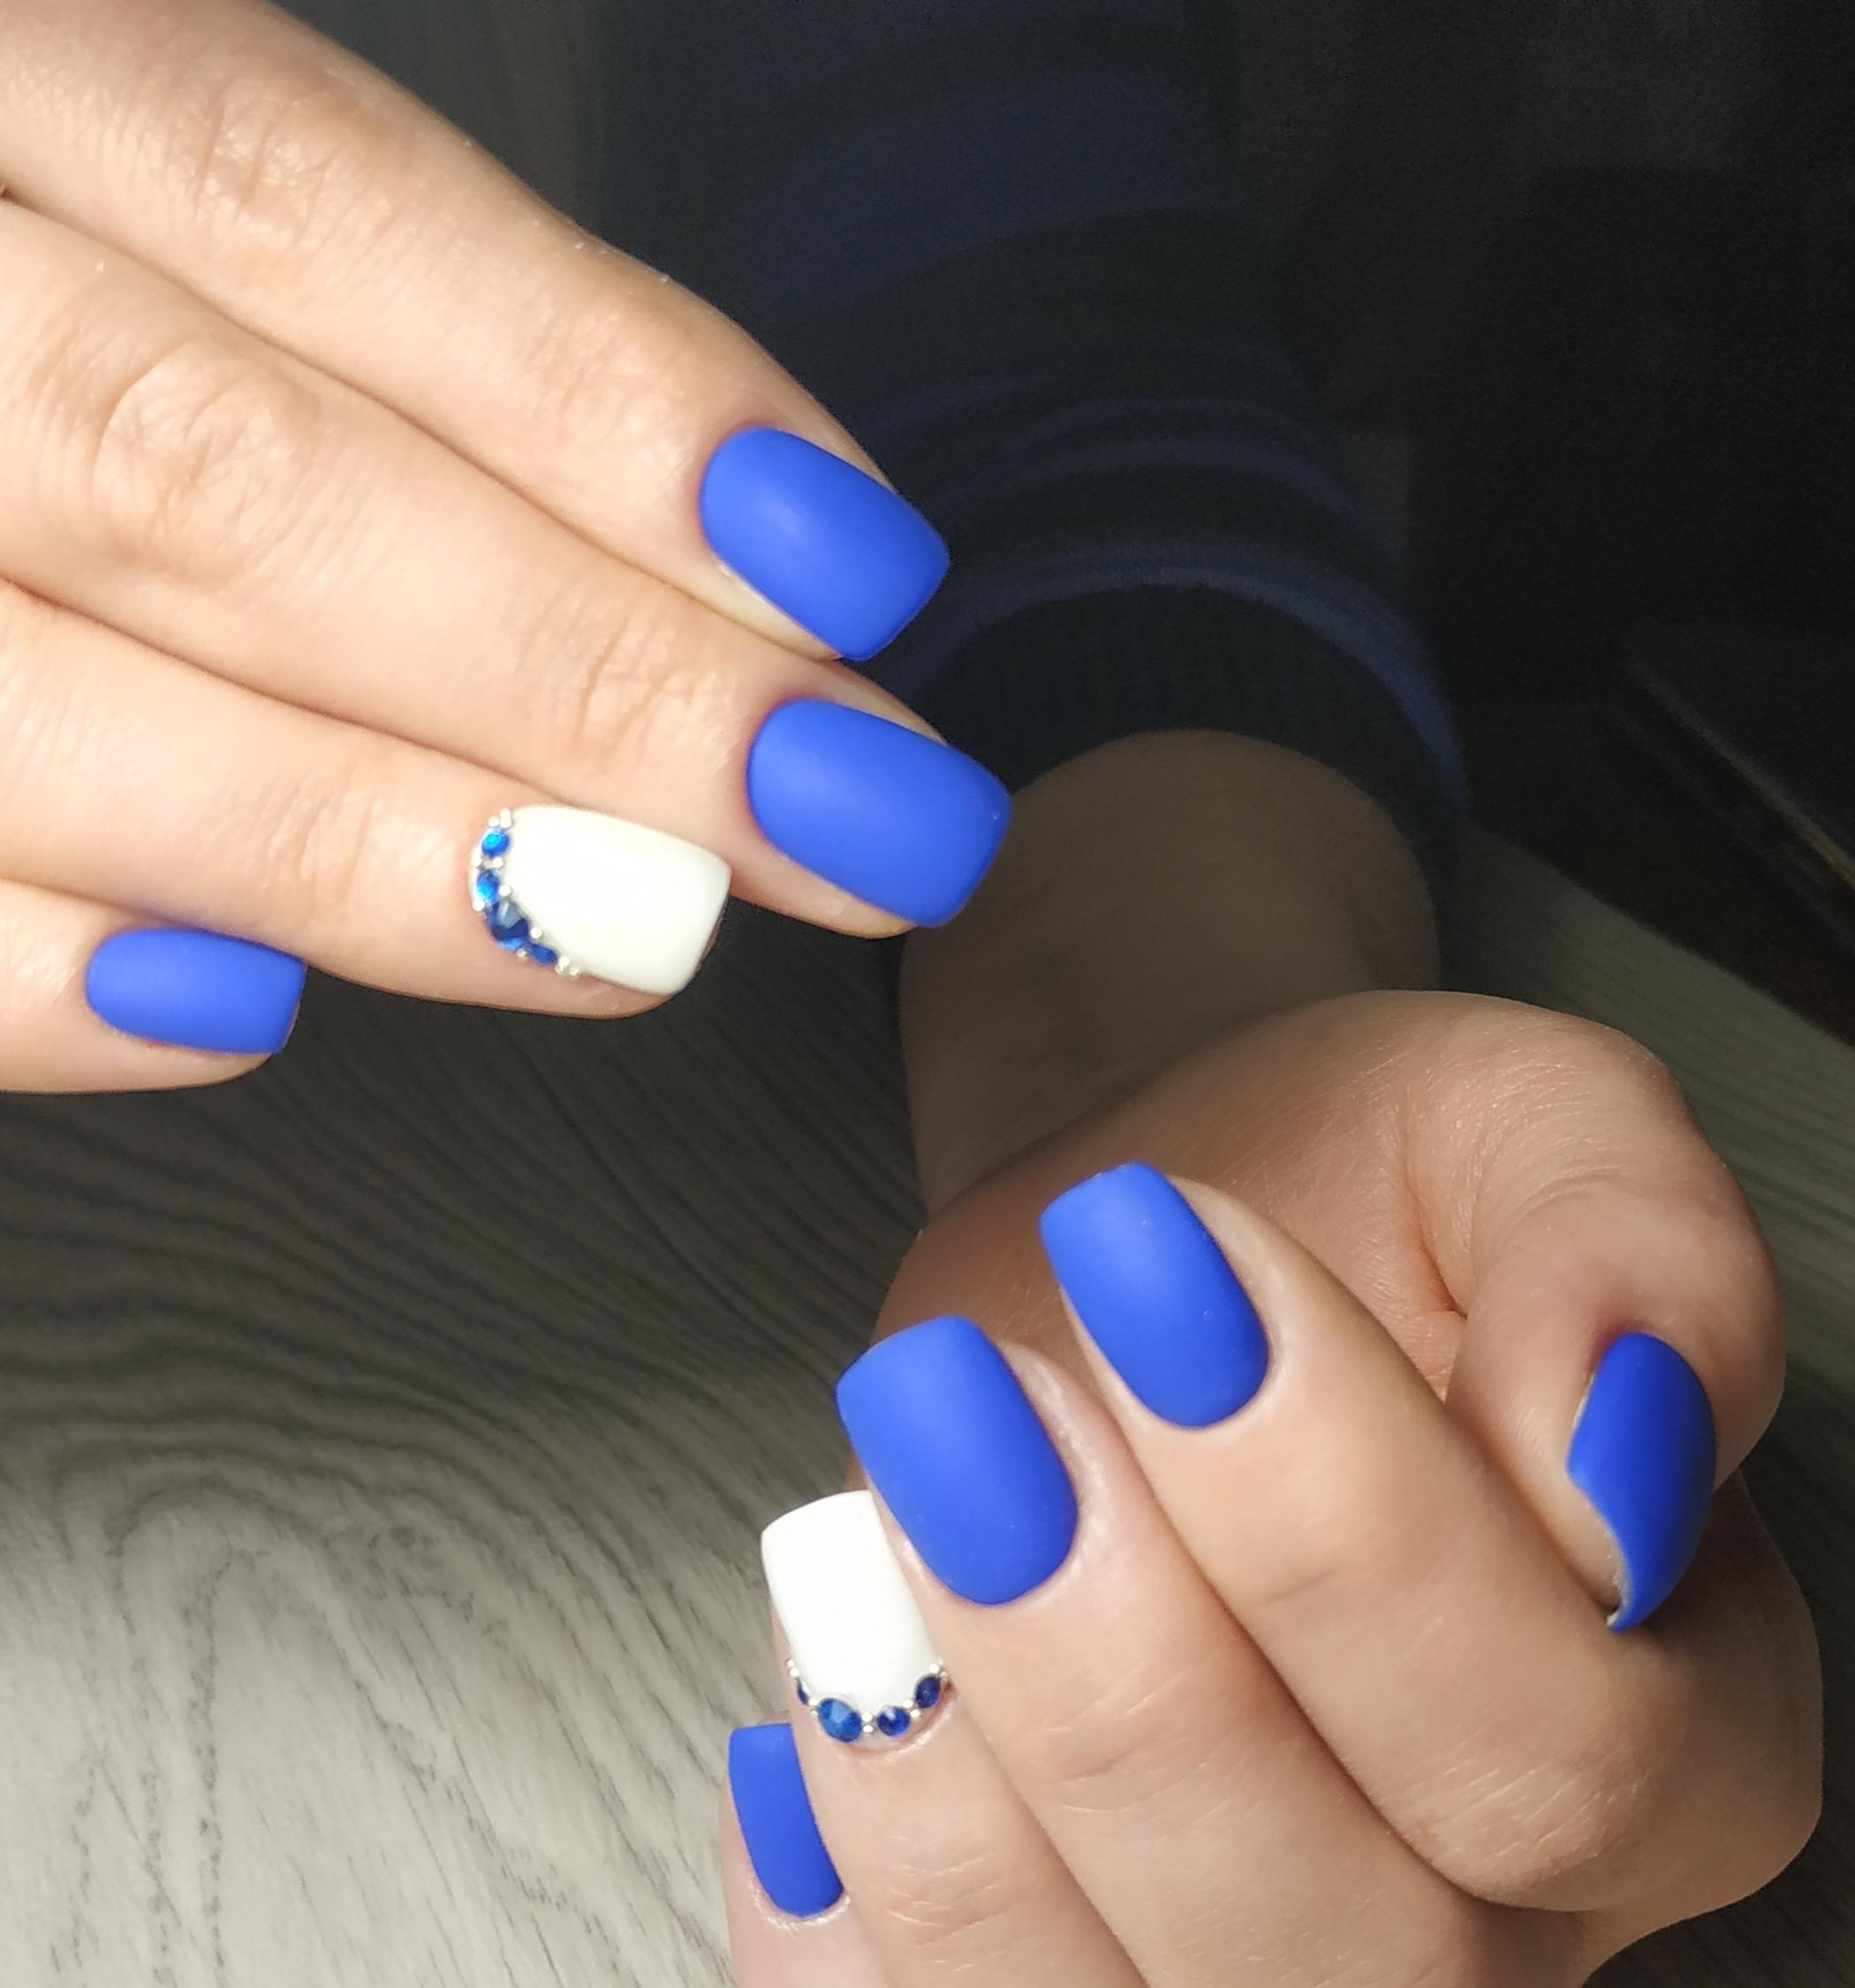 Матовый маникюр со стразами в синем цвете.